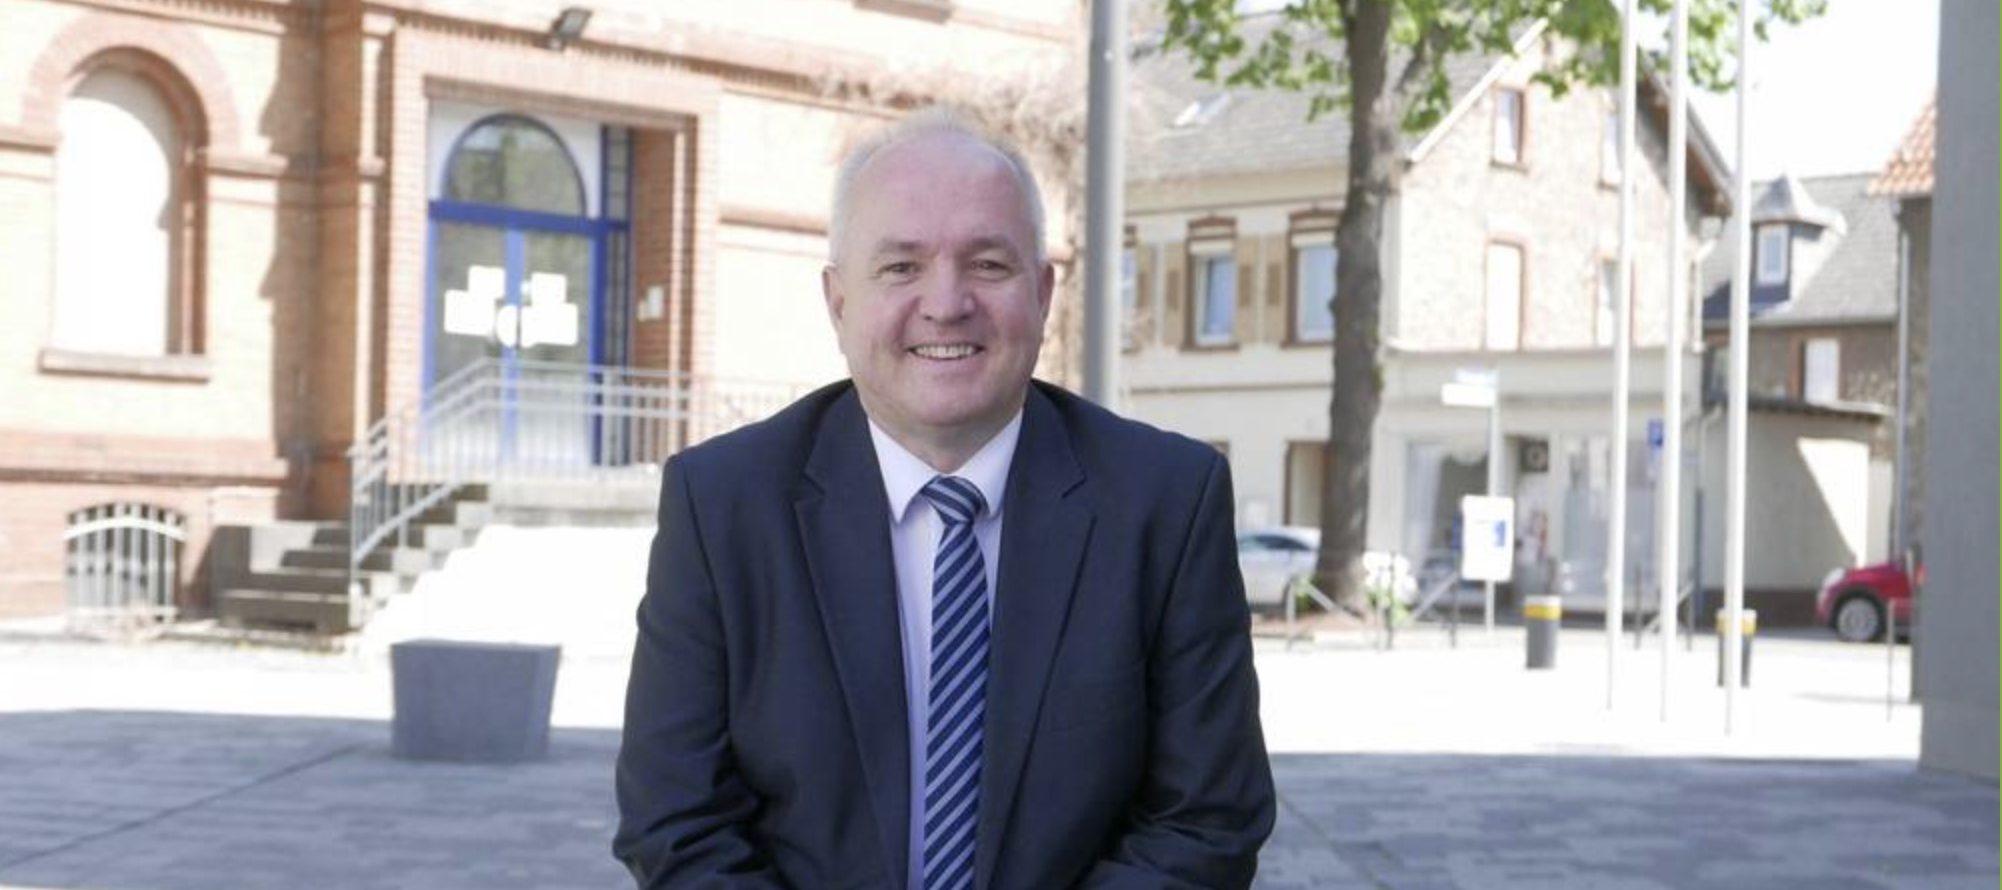 Michael Kröhle will Flörsheimer Stadtverordnetenvorsteher werden